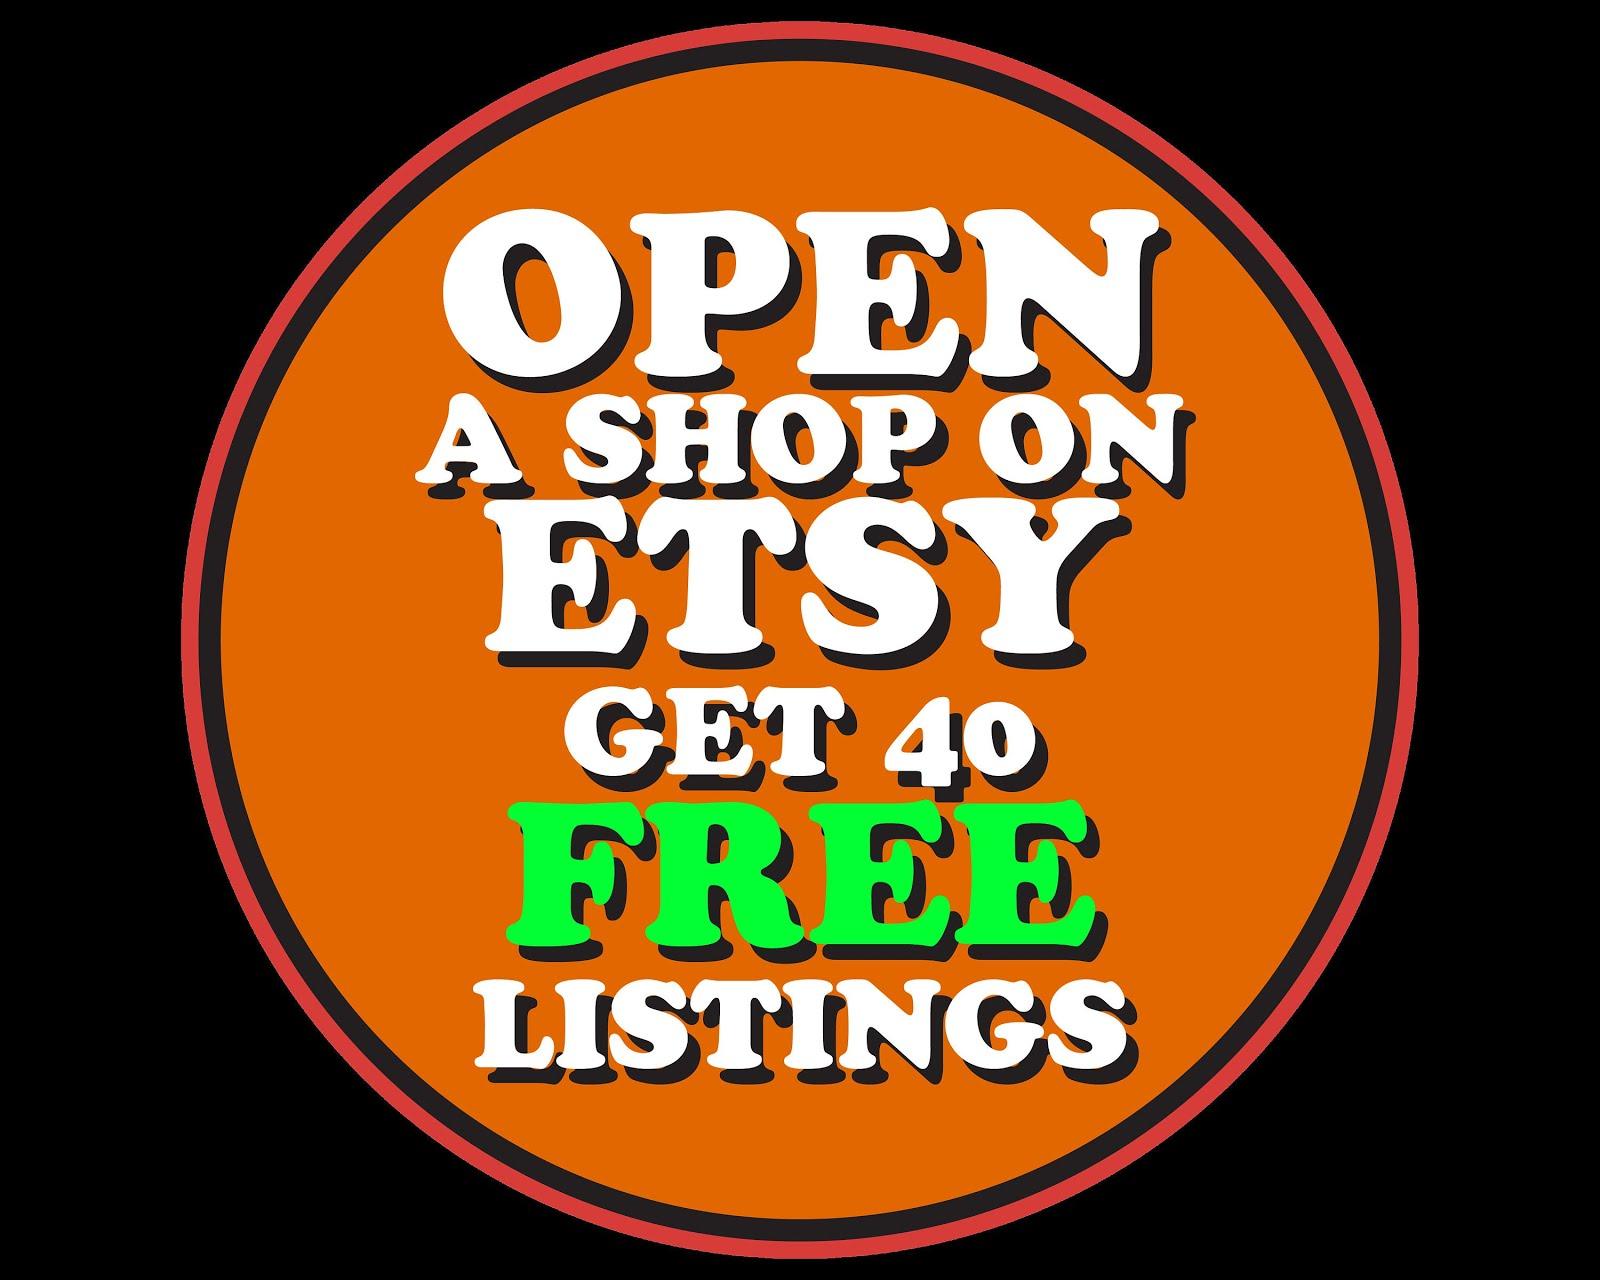 Etsy 40 Free listings